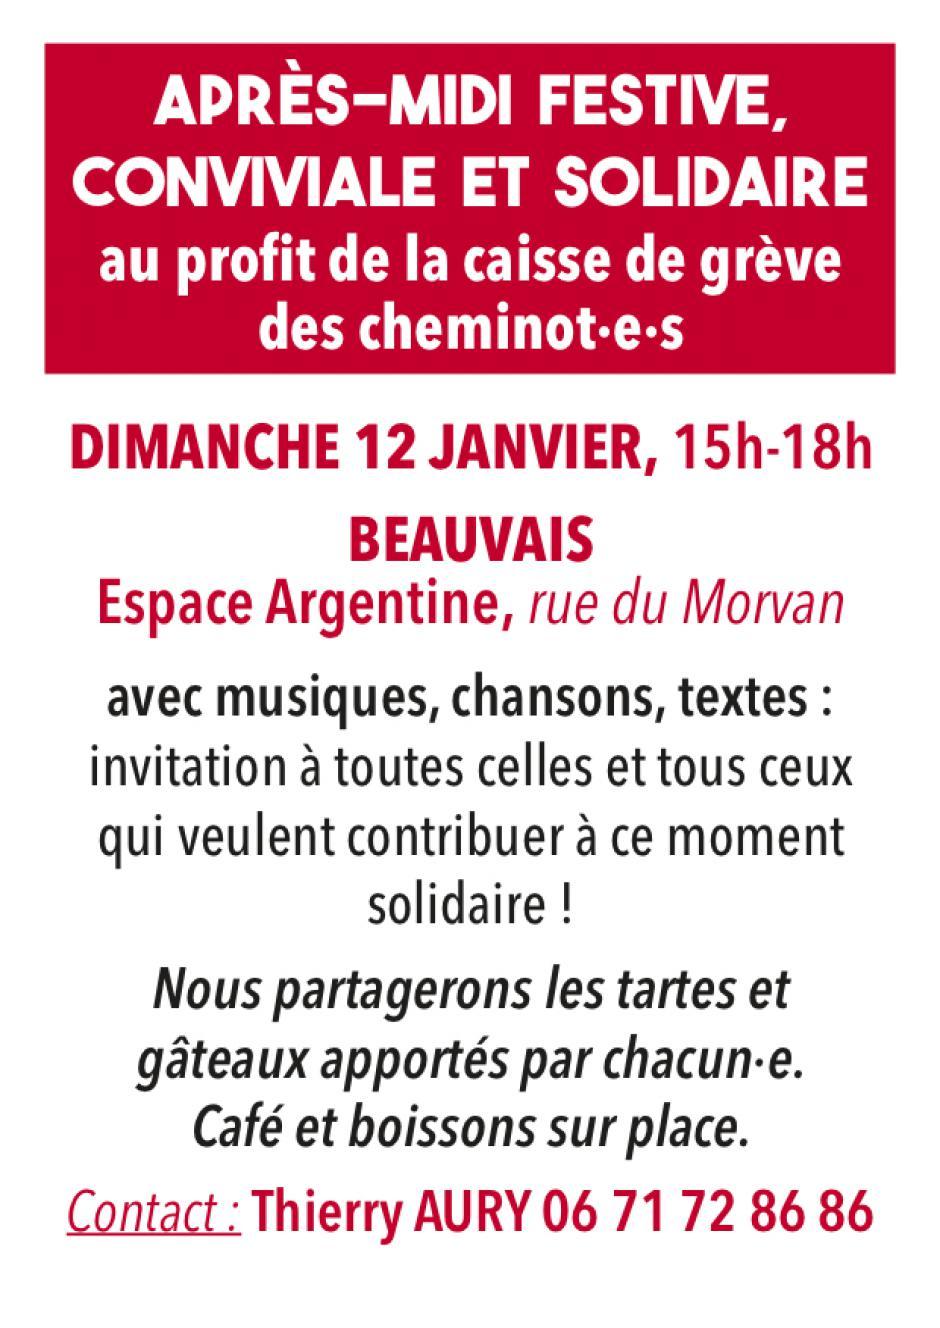 12 janvier, Beauvais - Après-midi festive, conviviale et solidaire au profit de la caisse de grève des cheminot·e·s